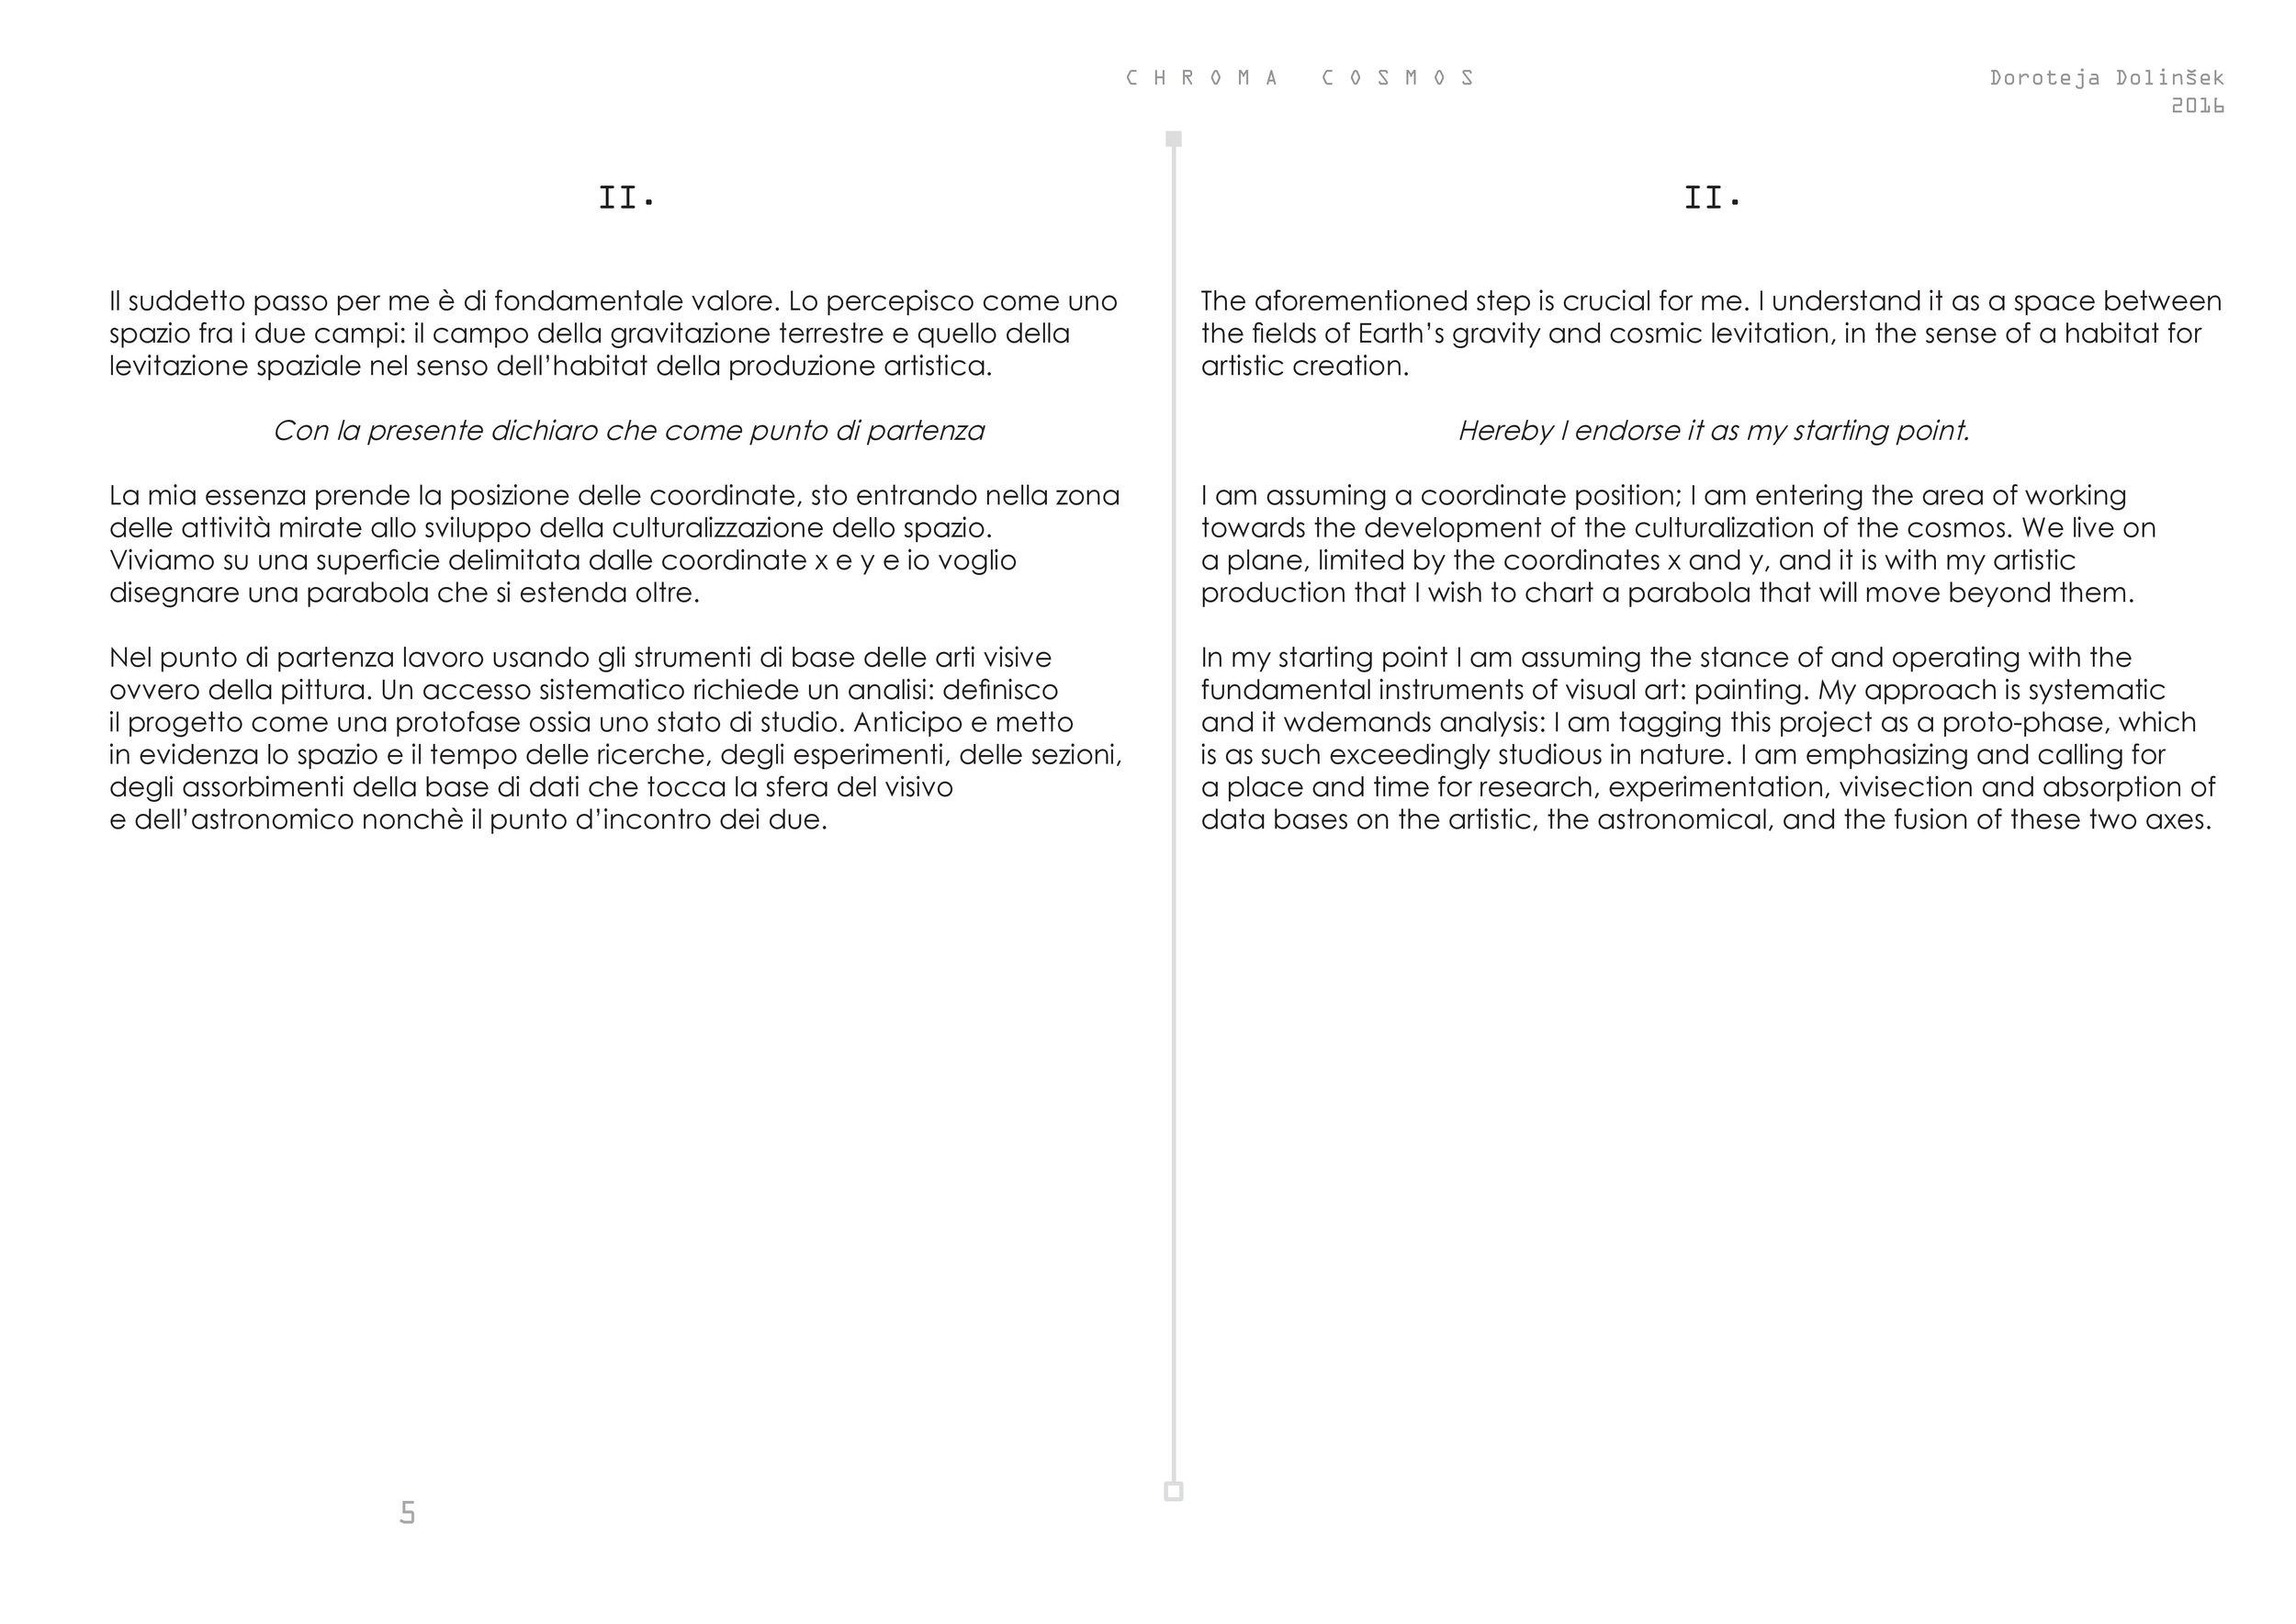 CHROMA COSMOS-page-005.jpg